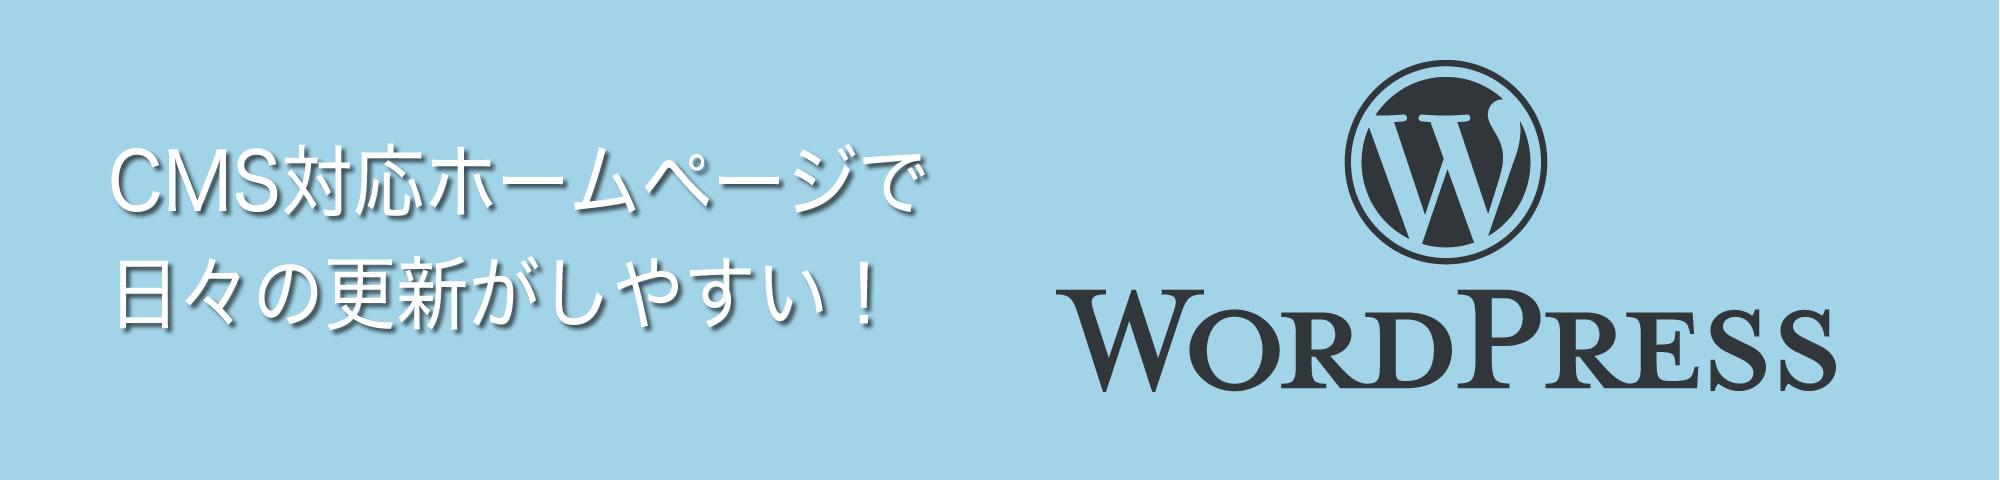 仙台でホームページ制作ならCMS対応の更新がしやすいワードプレスがおすすめ